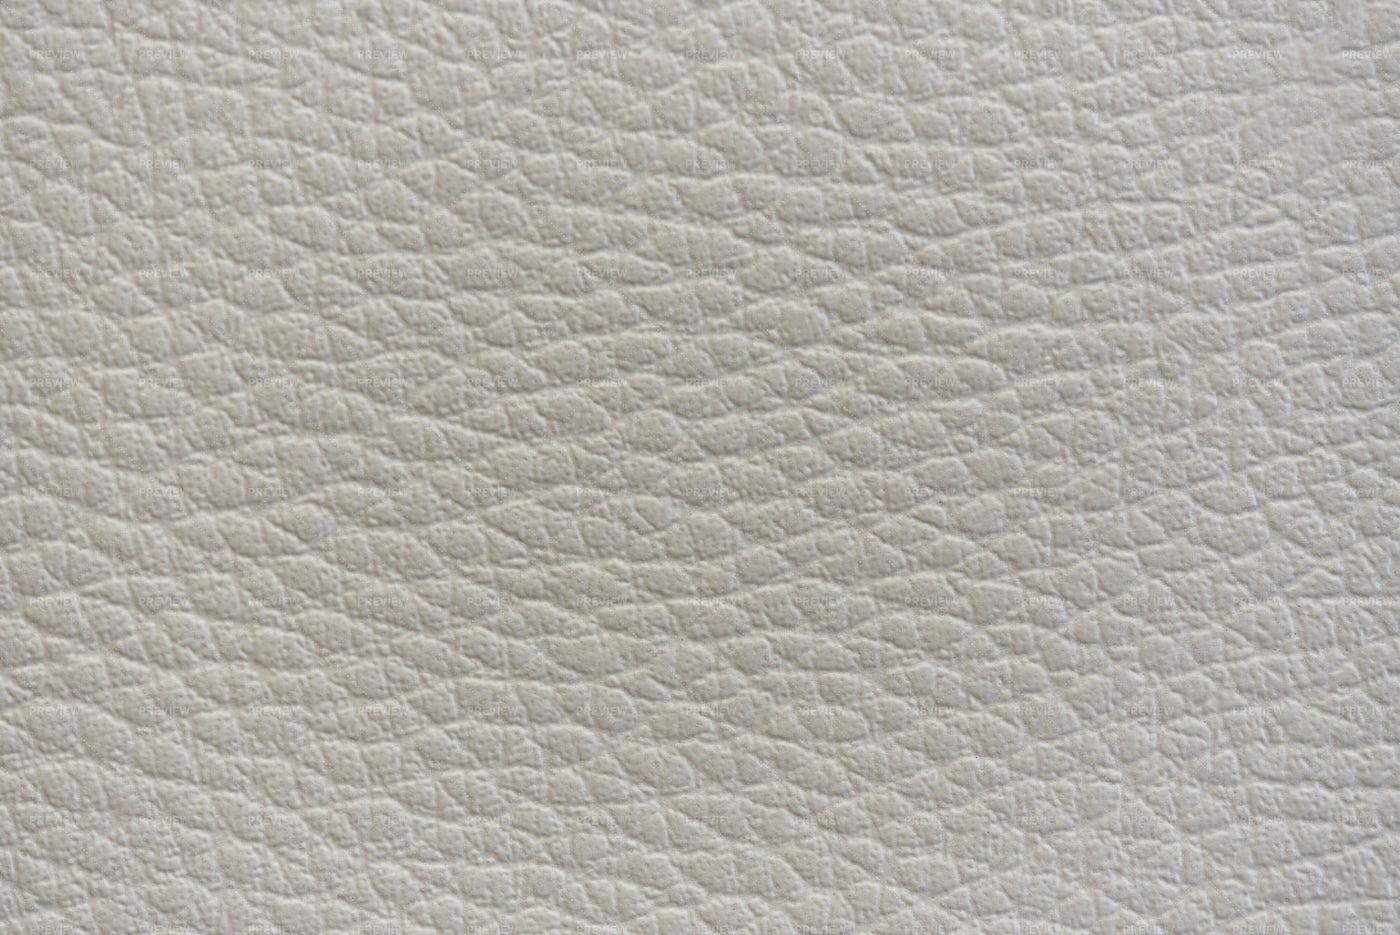 White Leather.: Stock Photos